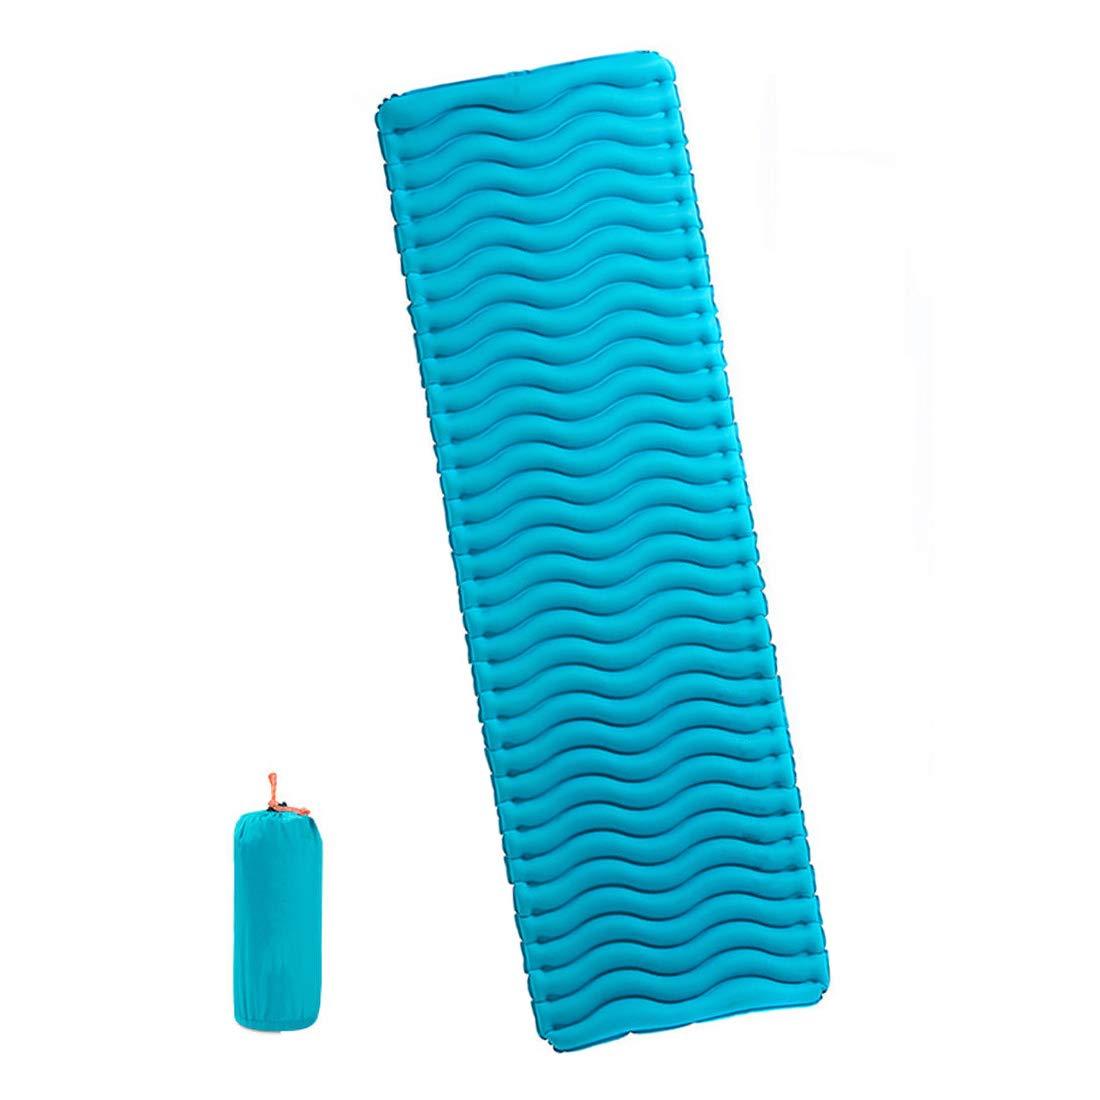 DMGF Leichte Isomatte Aufblasbare Matte Kompakte Outdoor Aufblasbare Matratze Für Zelt RV Camping Wandern Wandern 74  24 ''